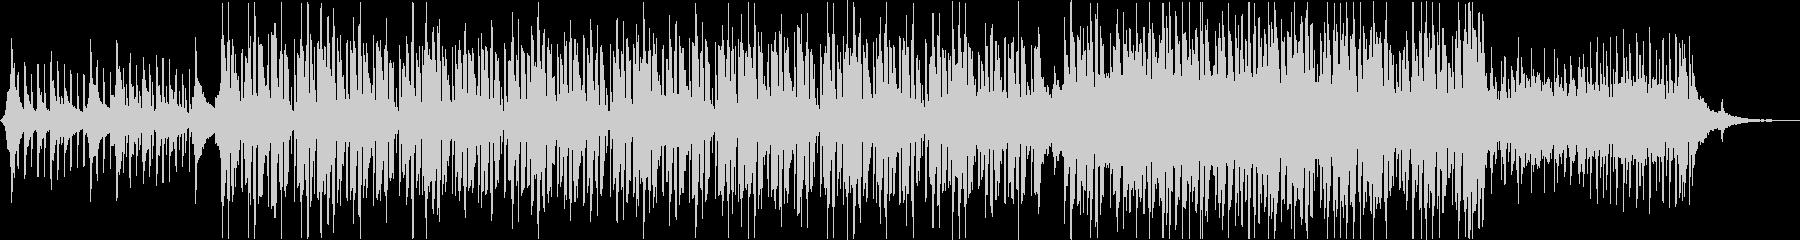 テクノCM映像用の曲企業VP爽やか幻想的の未再生の波形